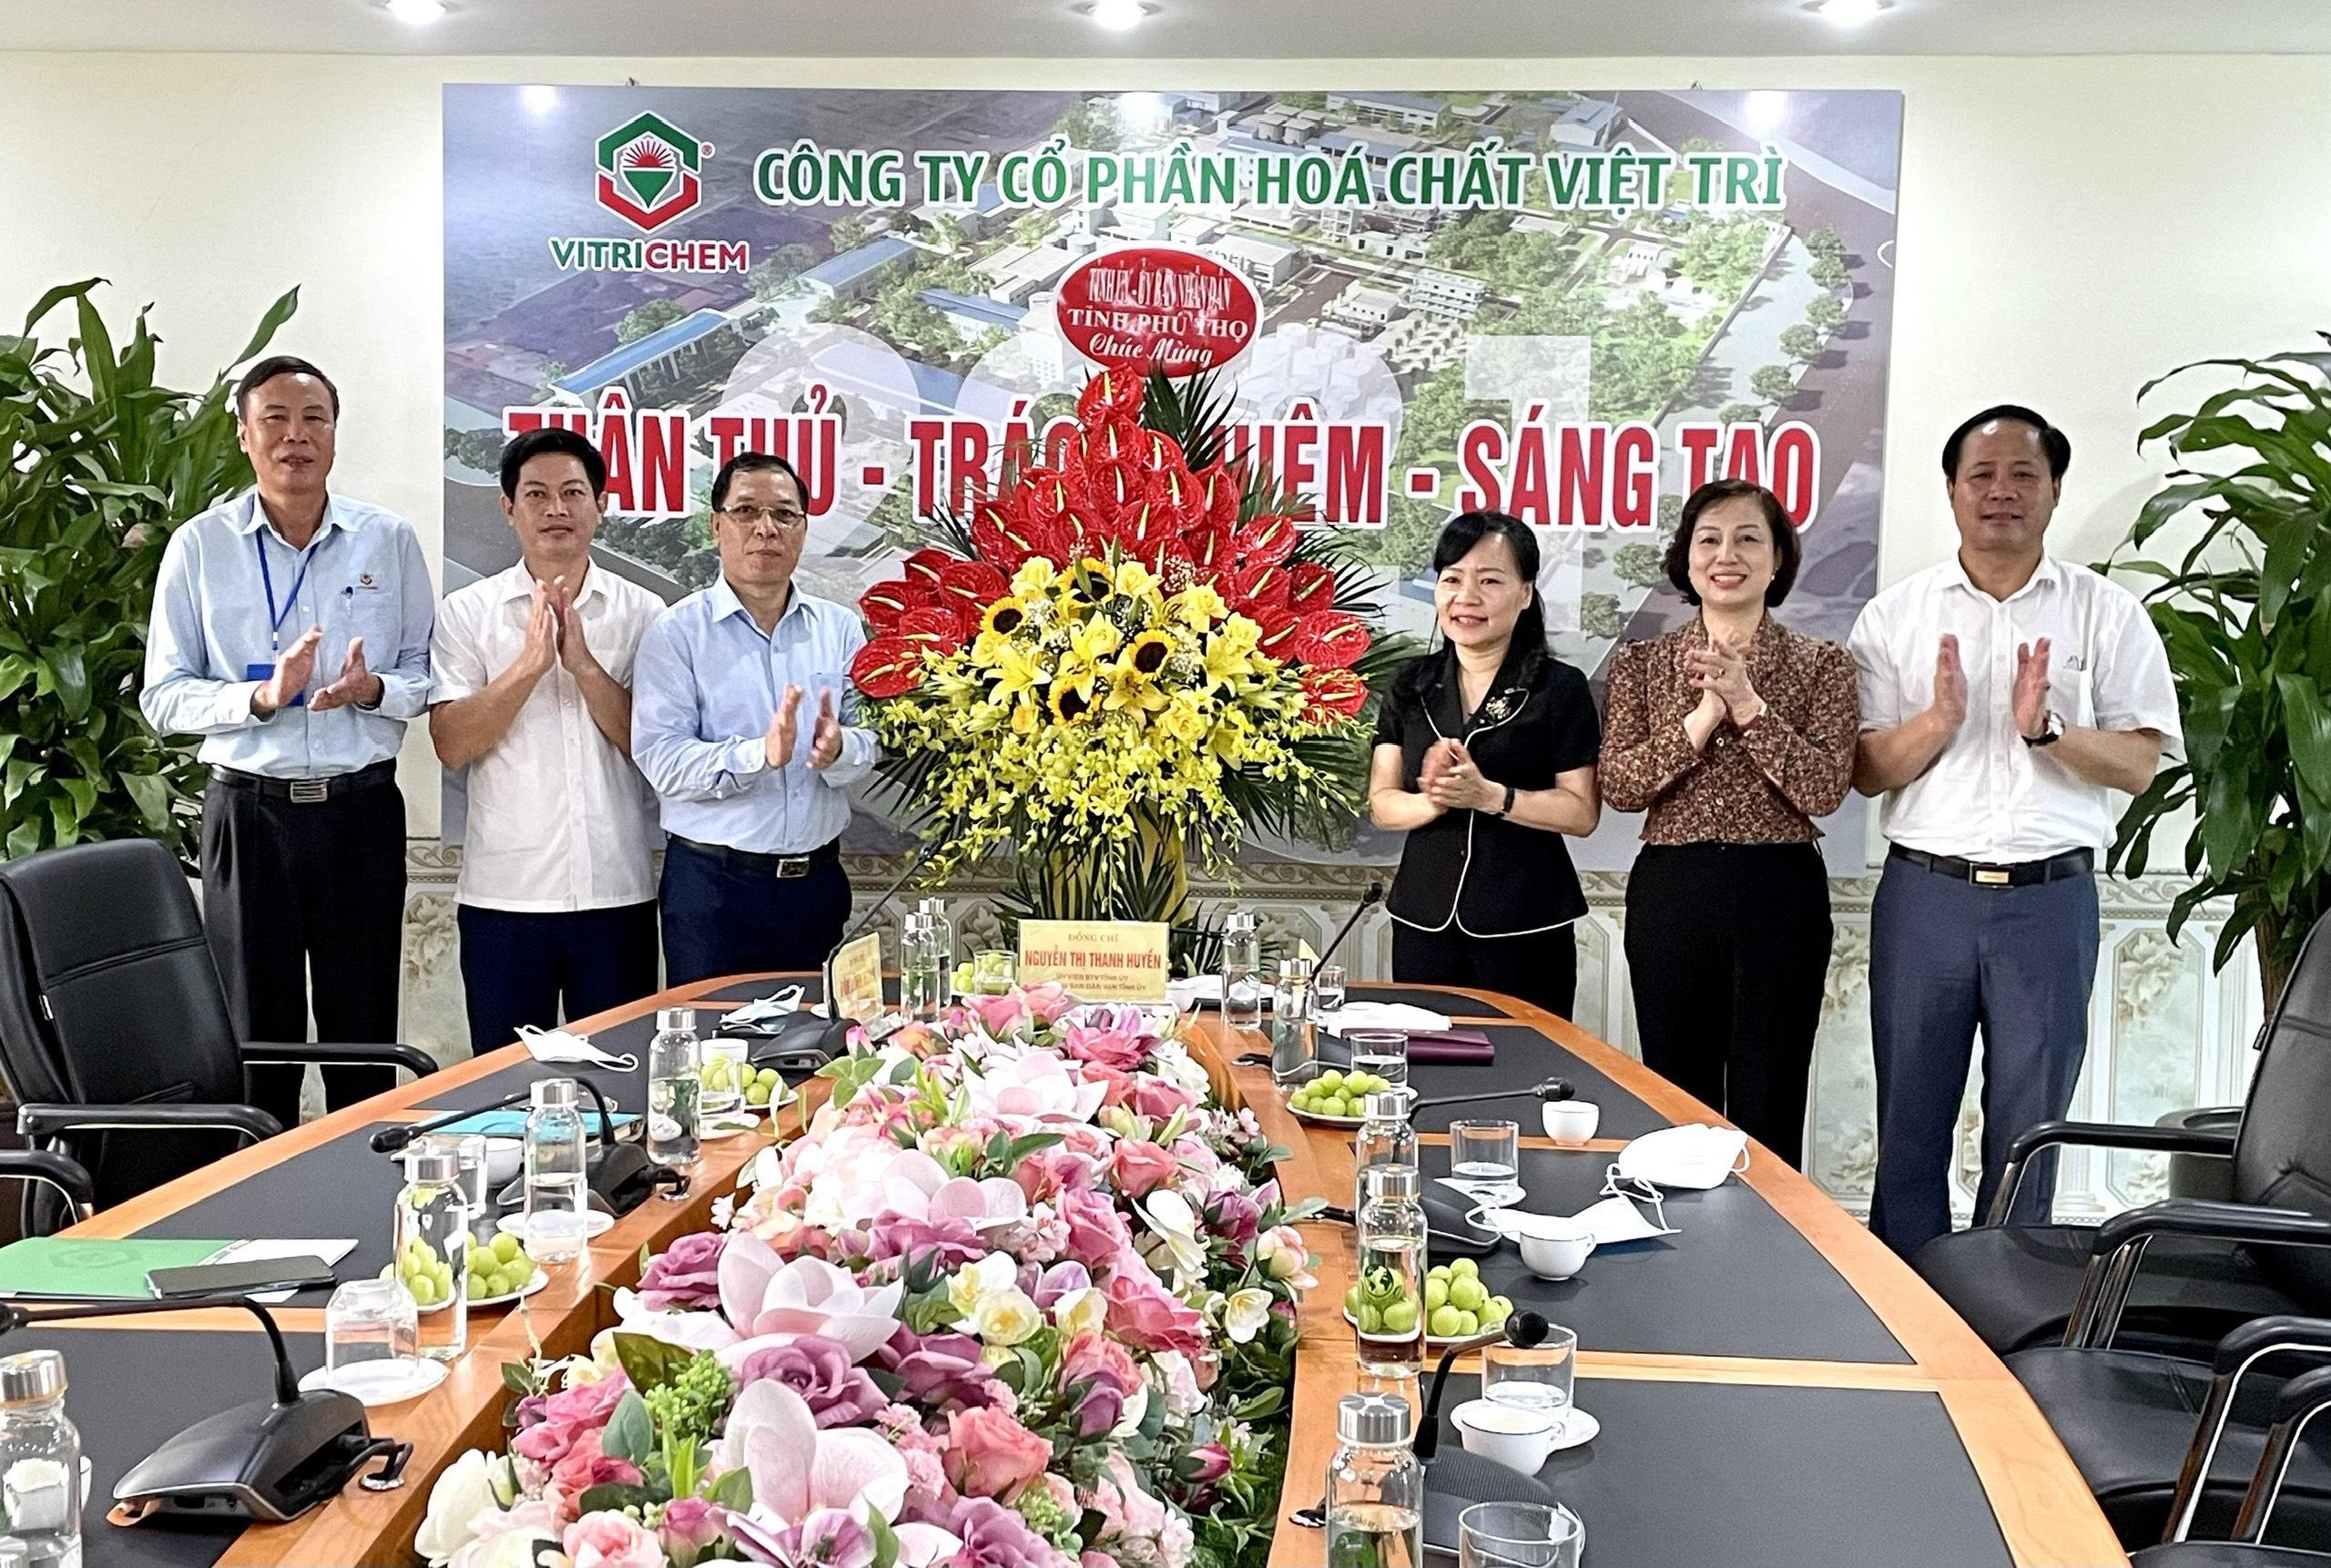 Đồng chí Nguyễn Thị Thanh Huyền, Ủy viên BTV Tỉnh ủy,  Trưởng Ban Dân vận tỉnh Phú Thọ tới thăm và làm việc tại Công ty